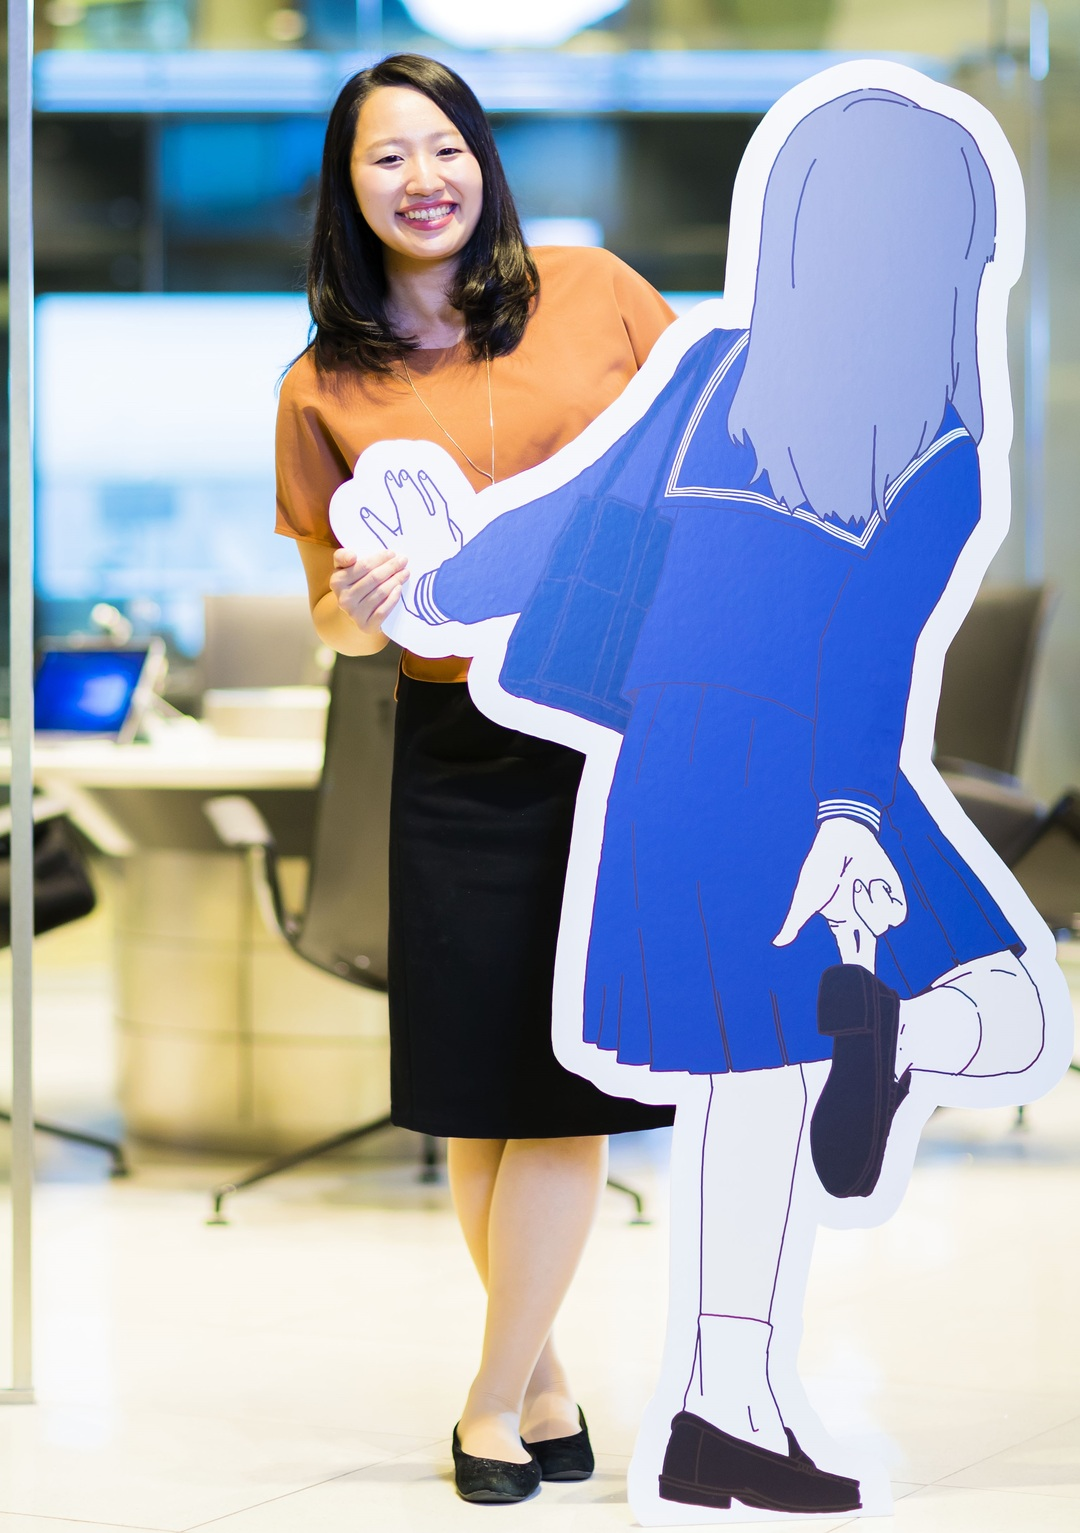 2019年12月31日、<br />女子高生AI「りんな」は<br />紅白歌合戦に出場する ?<br />